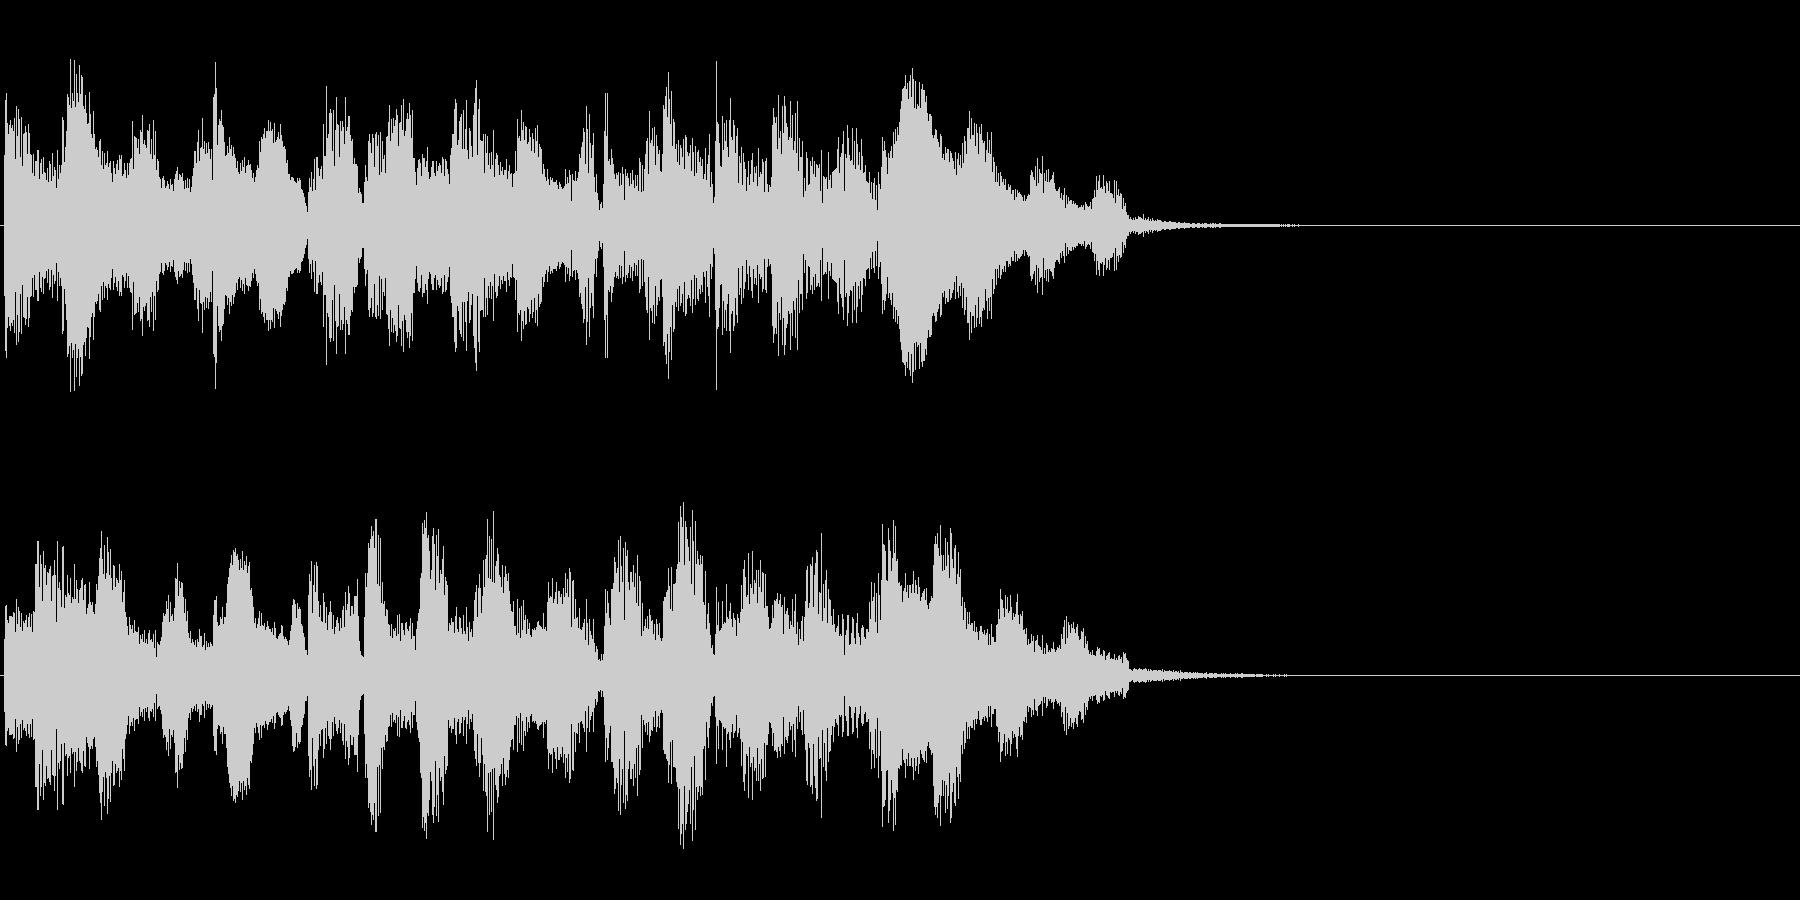 エレクトリックピアノでのジングルBGMの未再生の波形